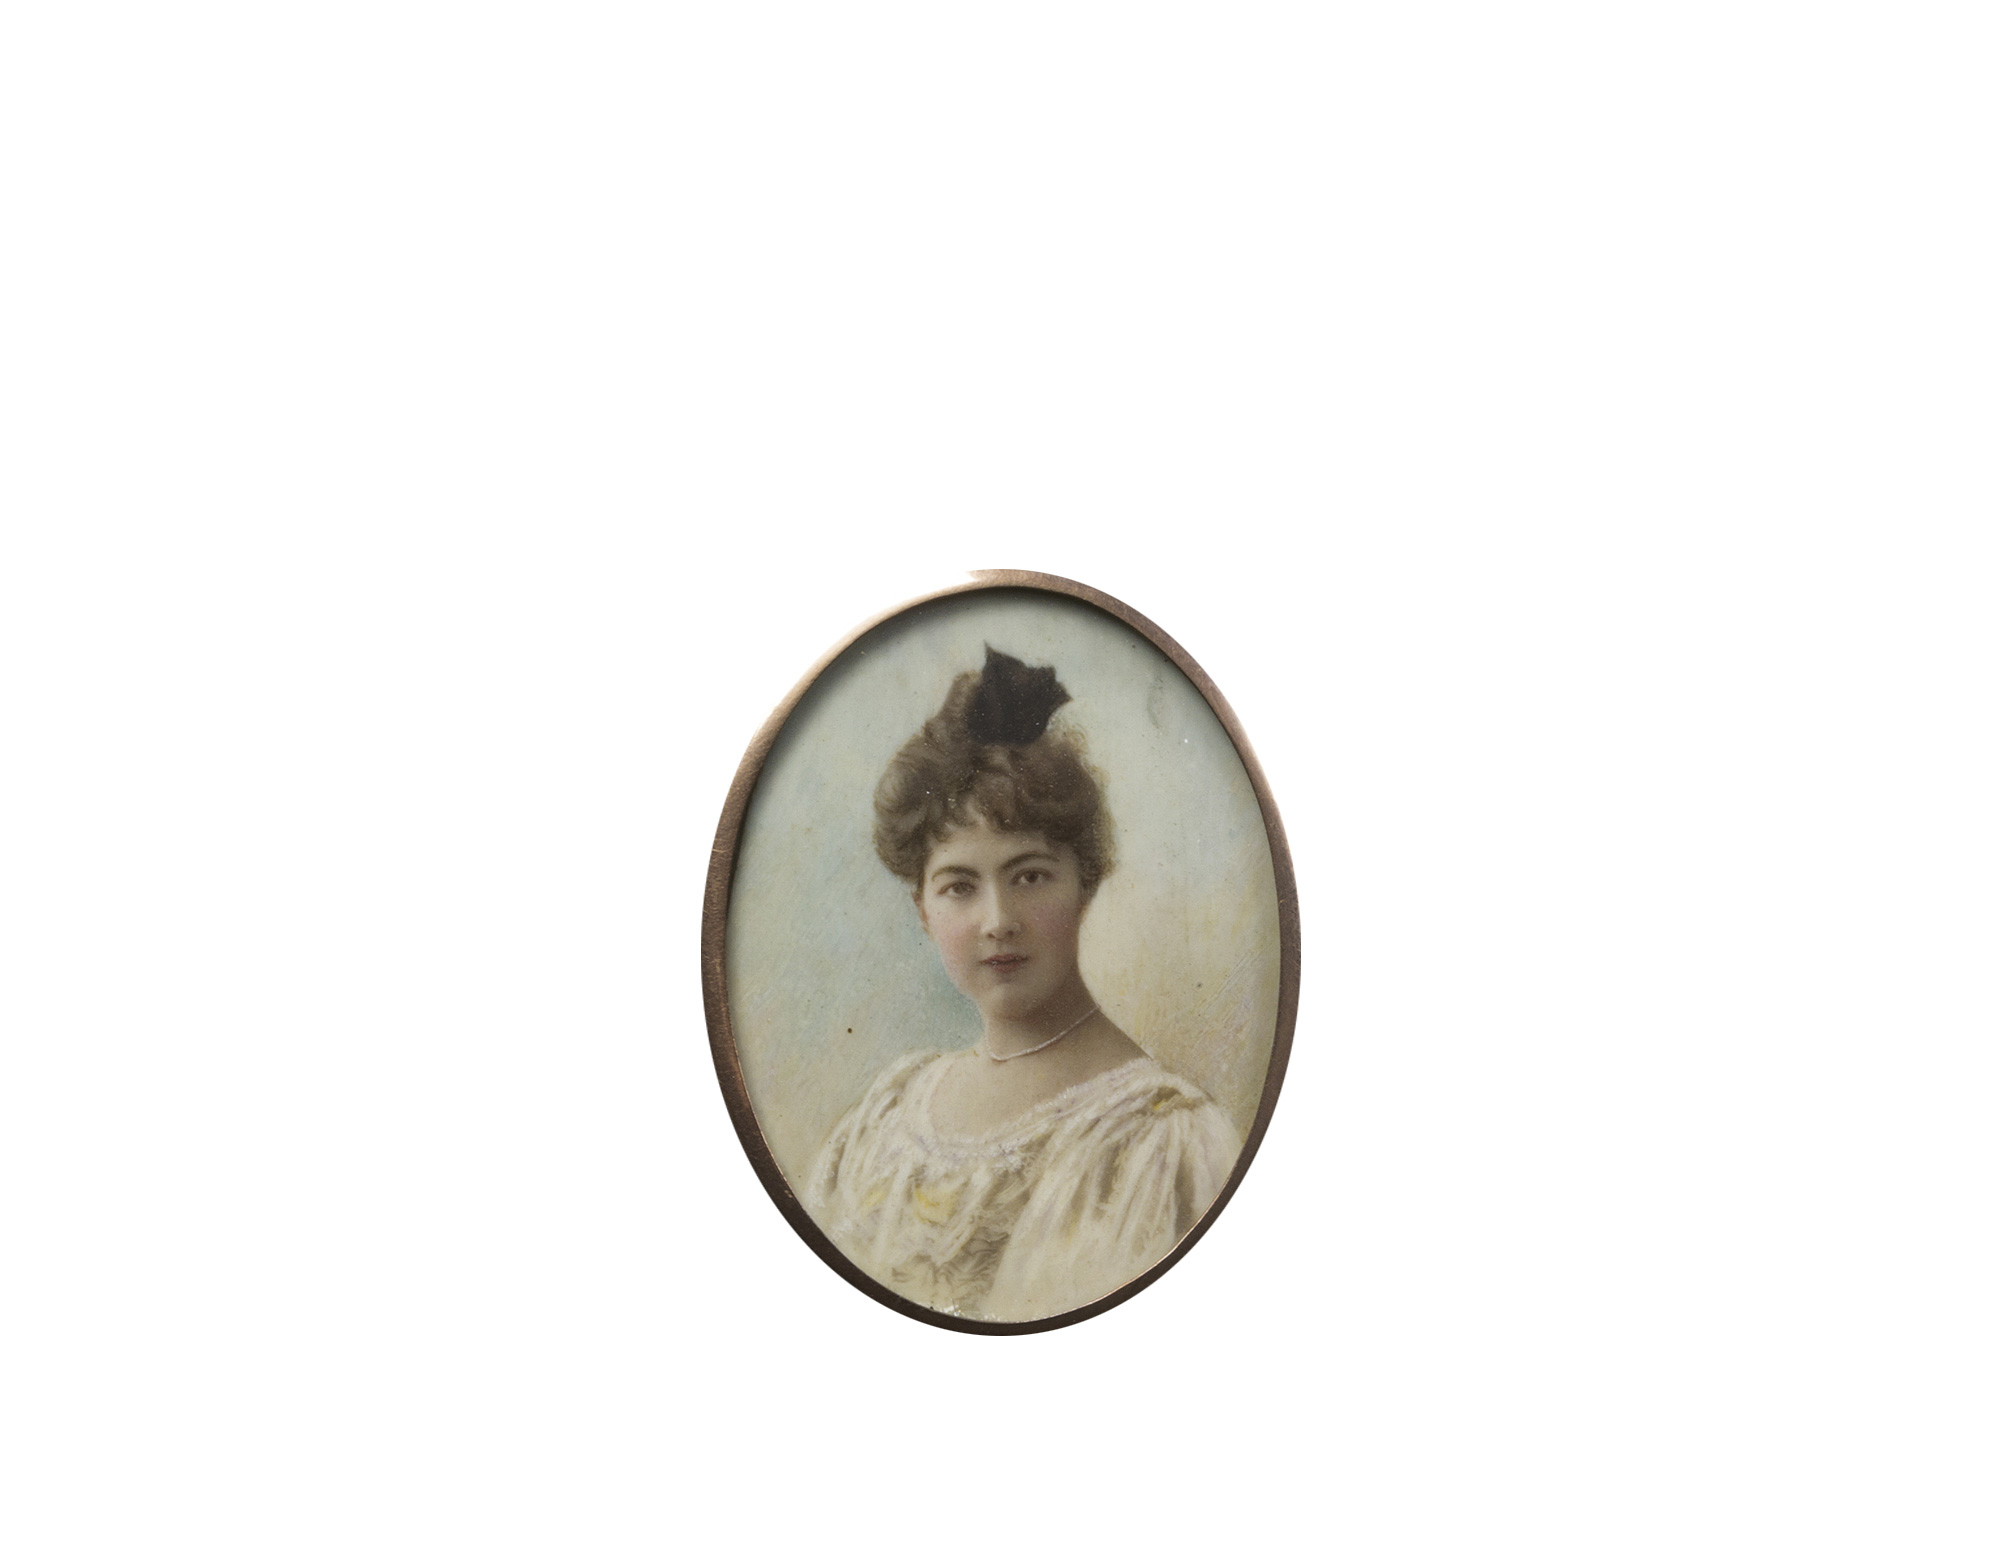 Quattro miniature raffiguranti ritratto di gentiluomo in marsina blu; ritratto di gentildonna in abito bianco (lieve filatura); Ritratto di gentildonna in abito bianco con fiocco nero tra i capelli; e Ritratto di gentiluomo di profilo